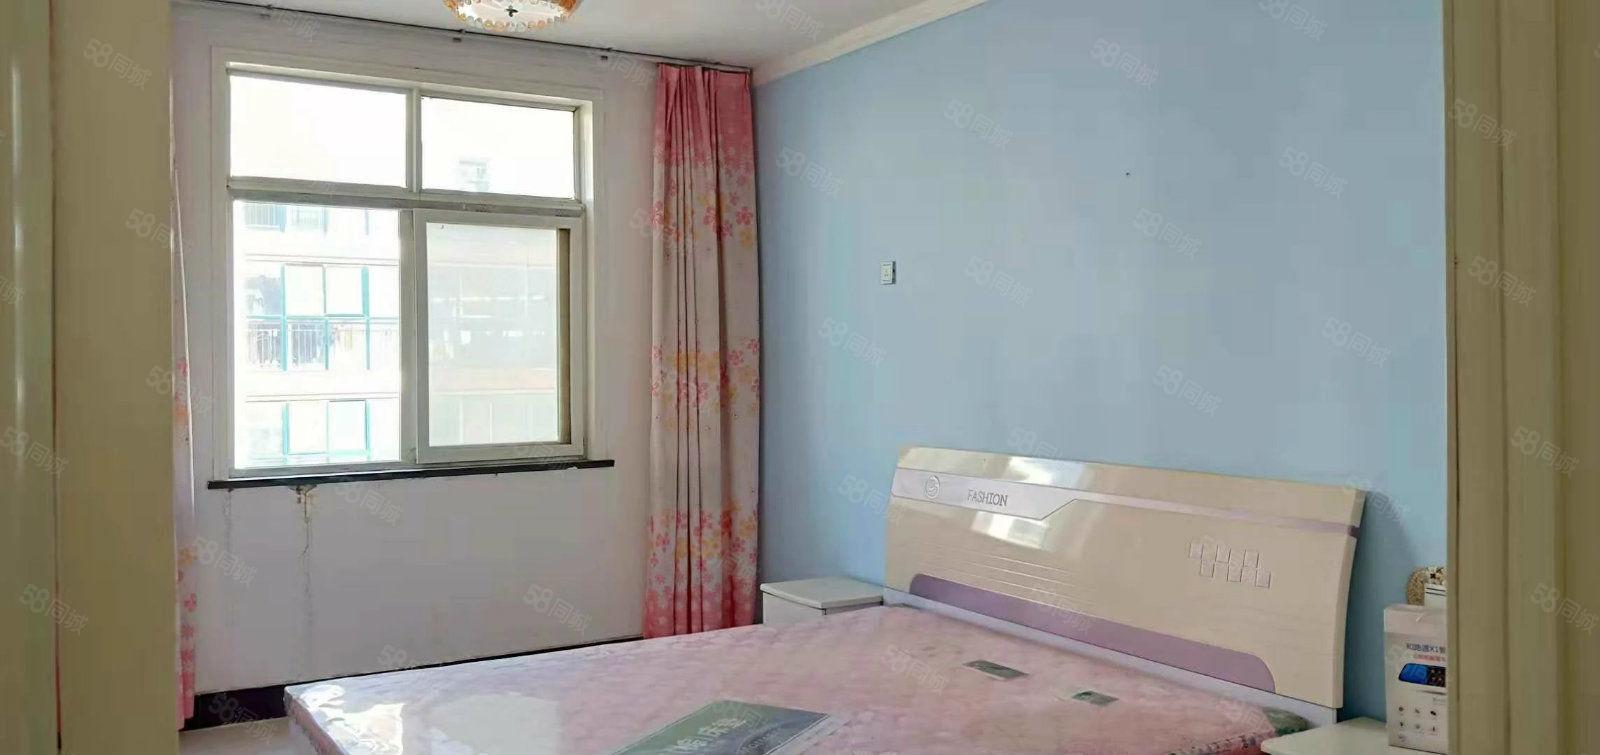 翠柳小区三室套房歩梯五楼简单装修干净卫生